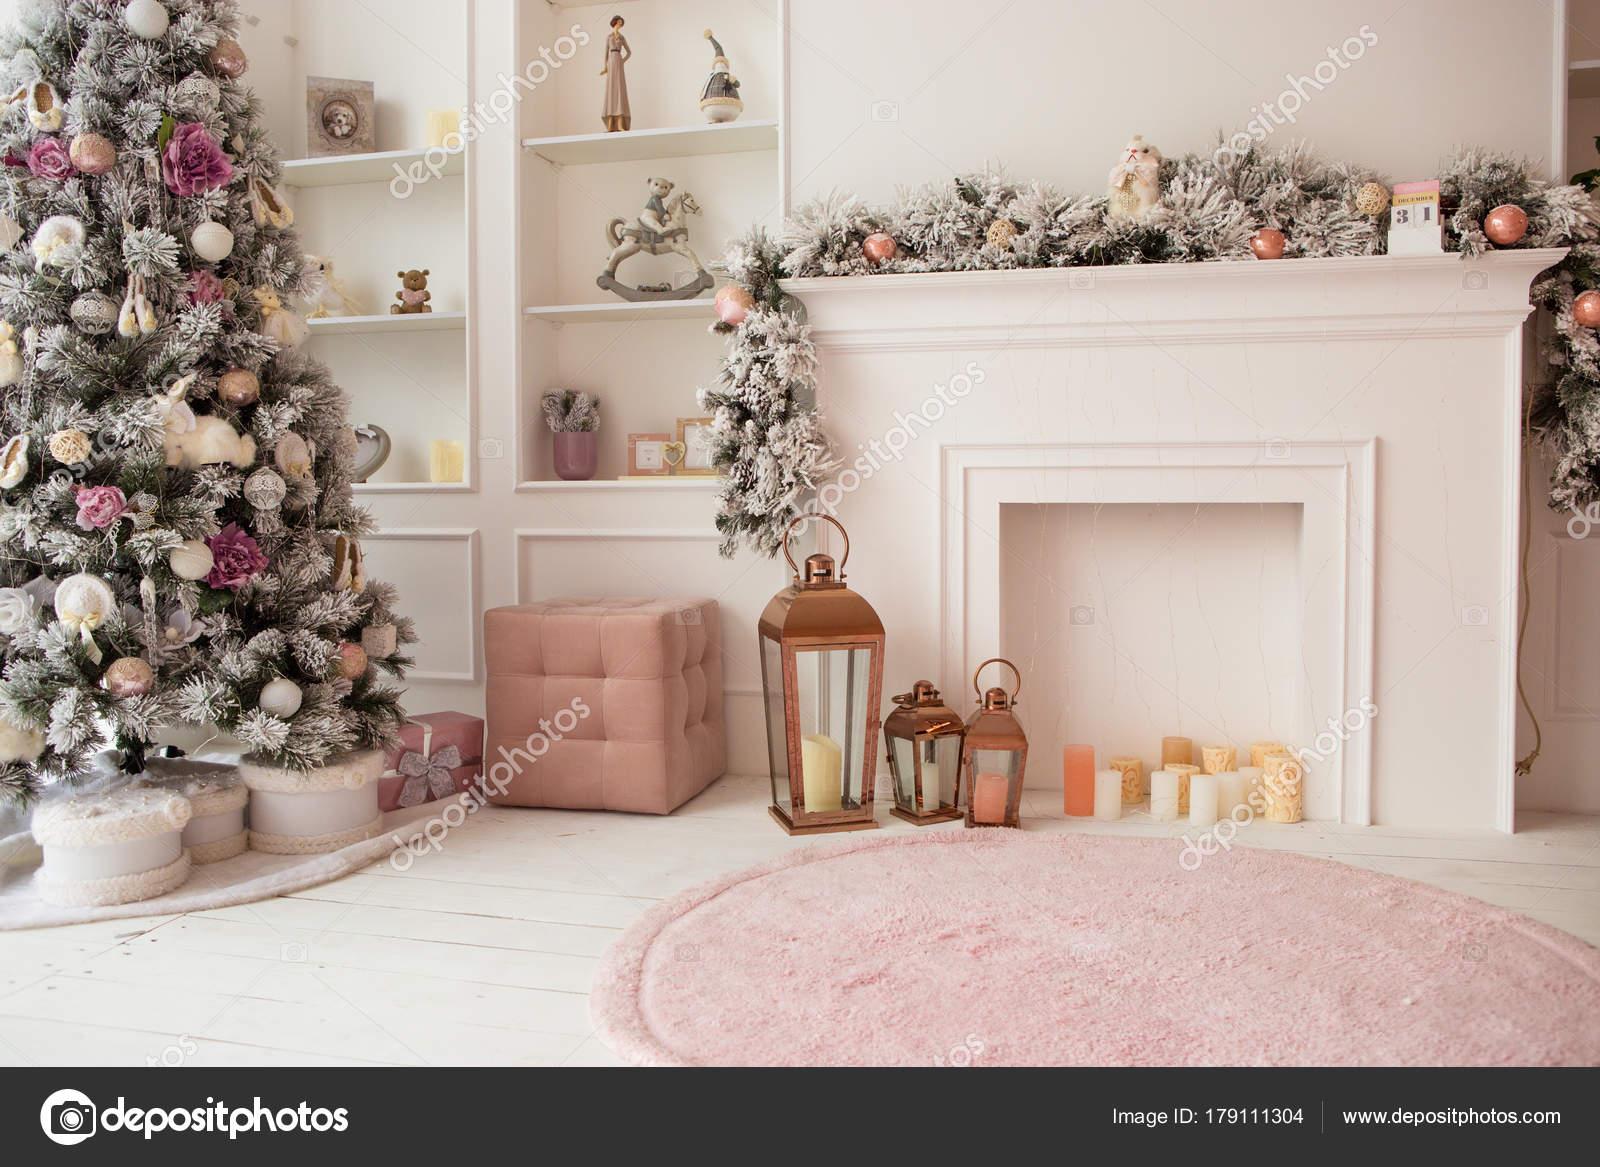 Woonkamer in witte en roze kleuren, met Kerstmis ingericht interieur ...